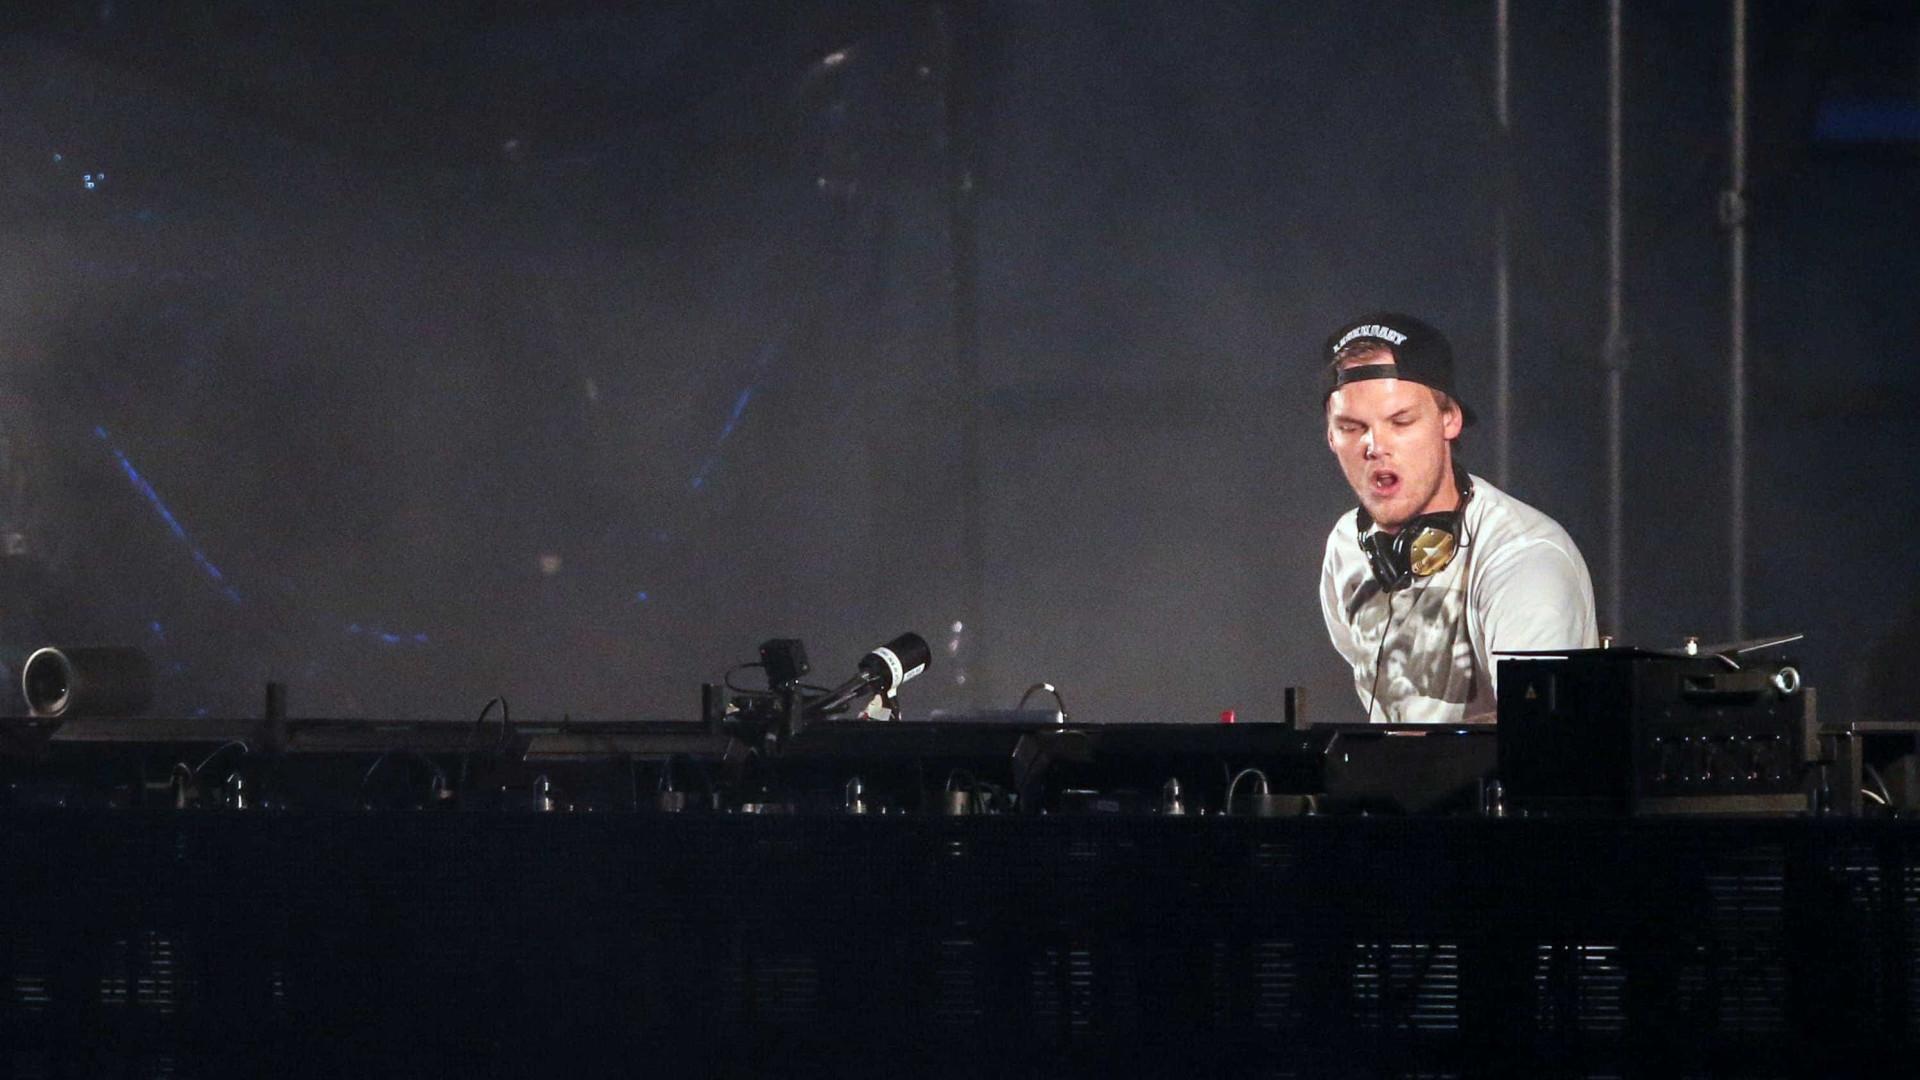 Família de Avicii sugere que DJ cometeu suicídio